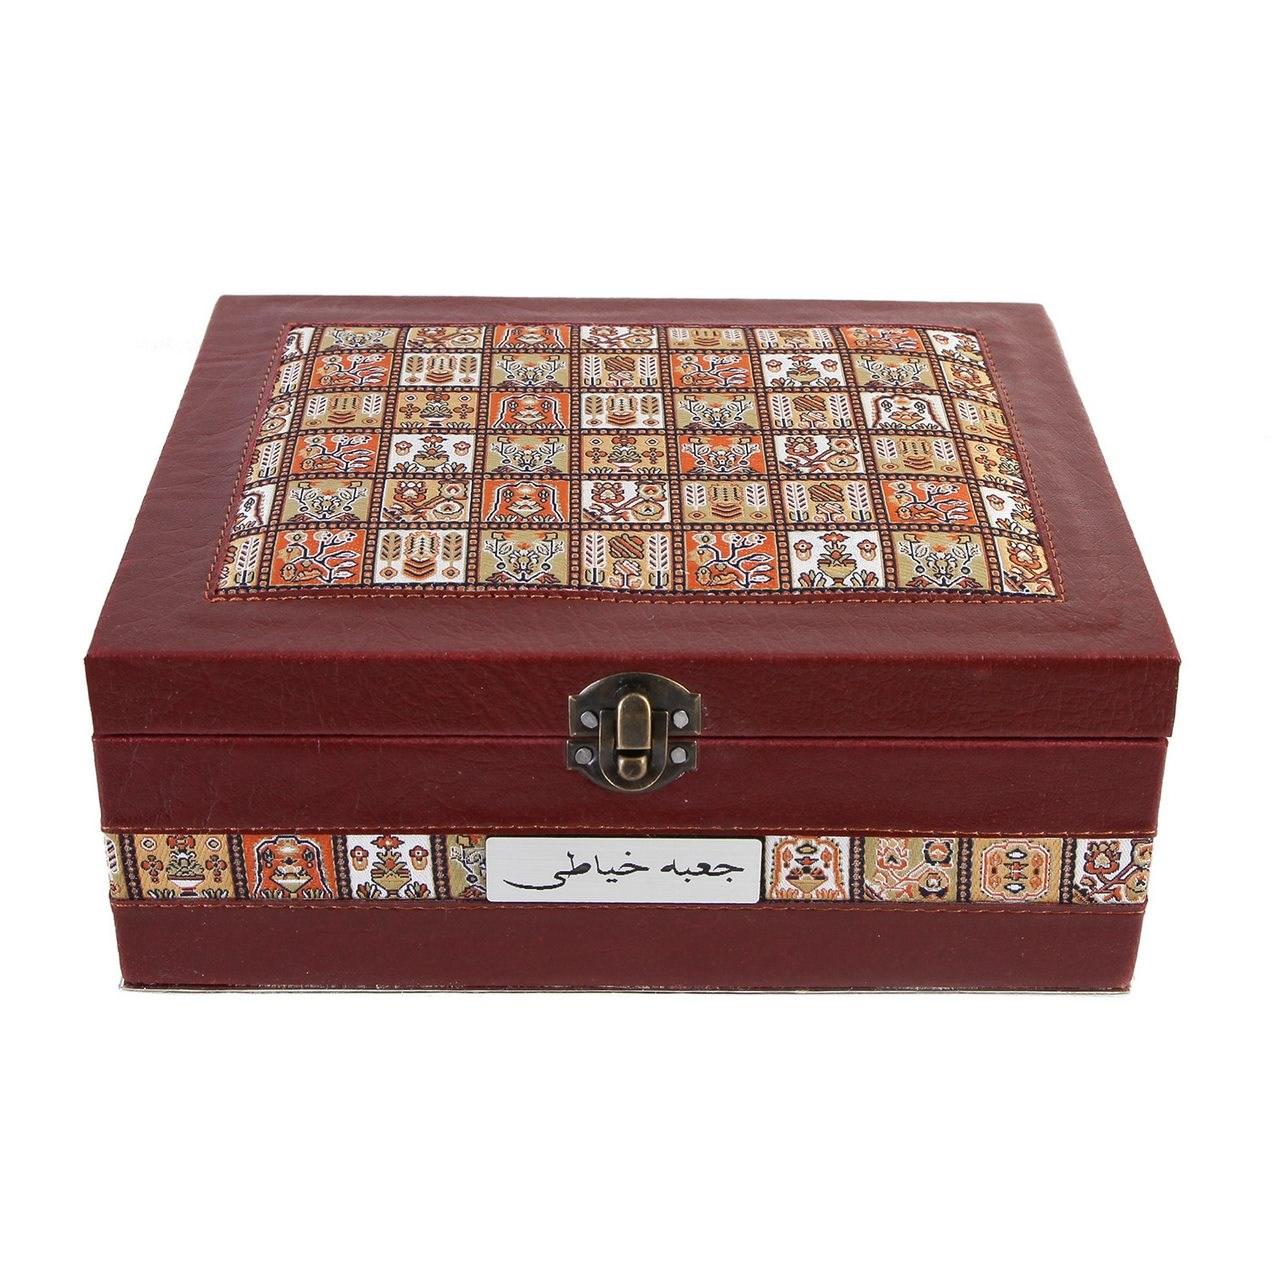 جعبه خیاطی چرمی طهرانی کد 191012